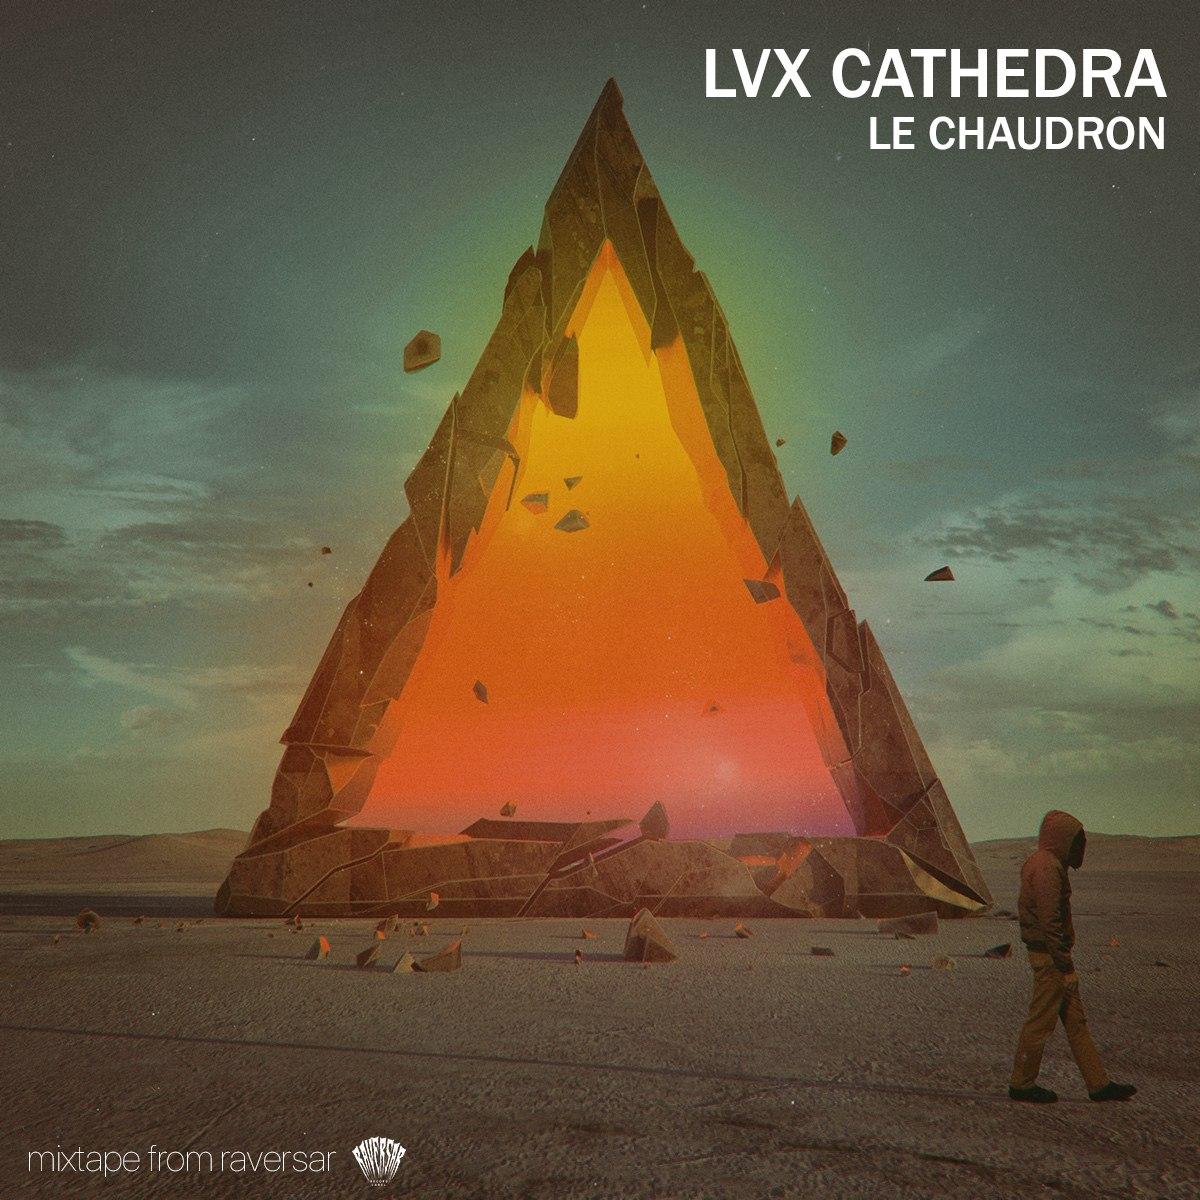 Lux Cathedra - Le Chaudron